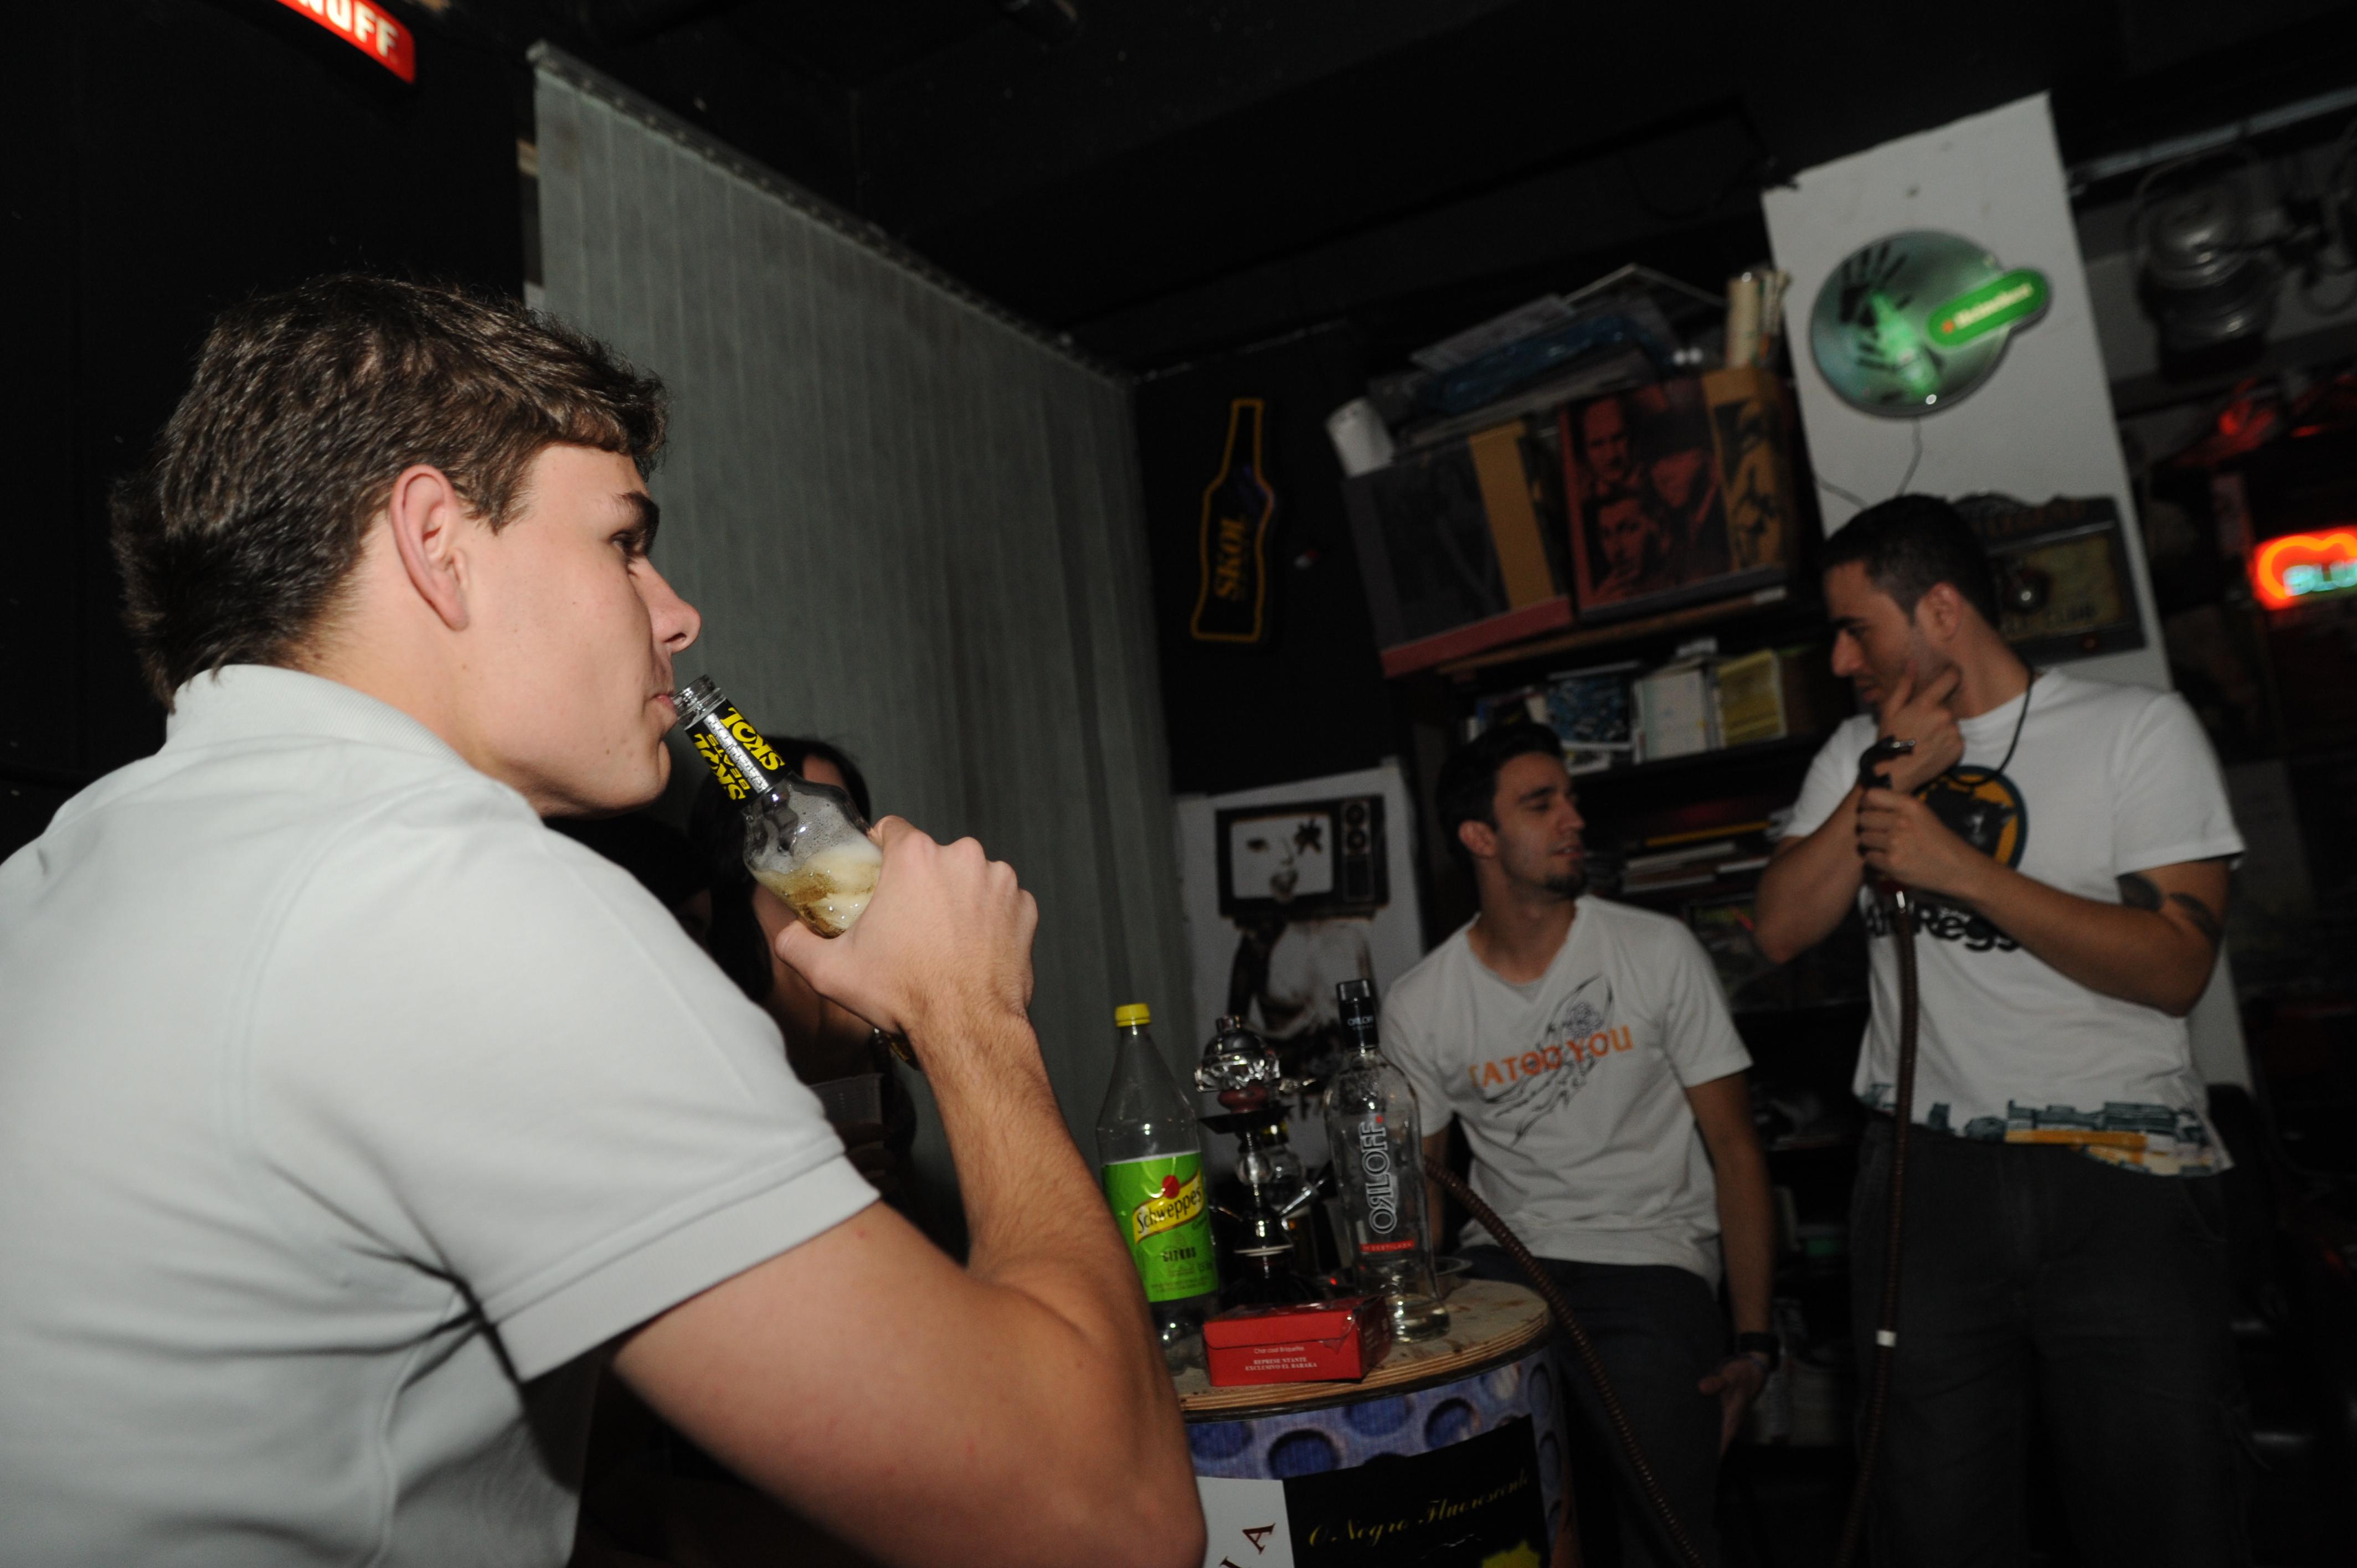 bebida alcoólica, alcoolismo na adolescência, jovens bebendo